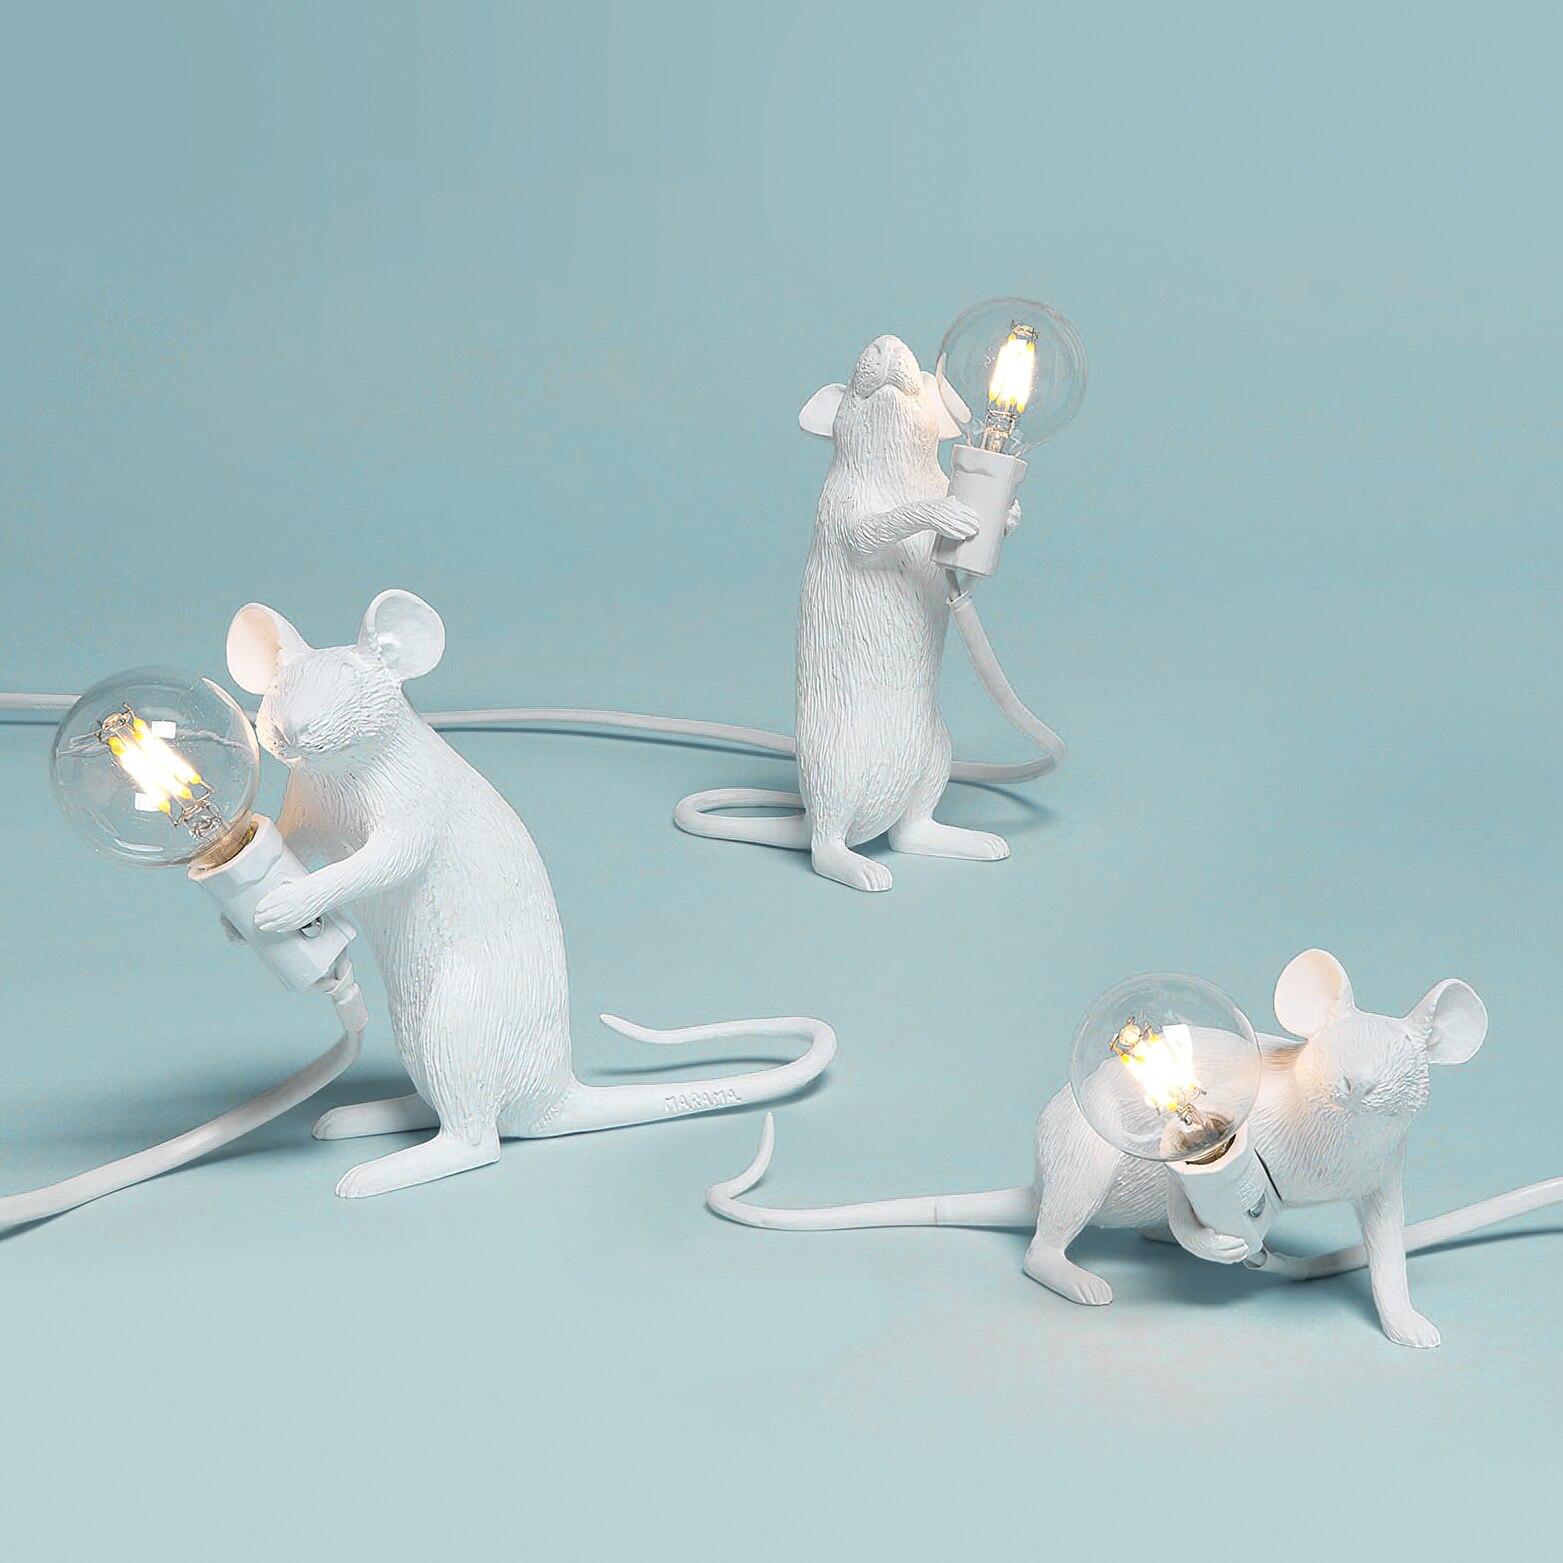 Постмодерн Смола животное крыса стол с мышкой лампа маленькая мини мышь милый светодиодный ночник домашний декор настольная лампа прикроватная лампа